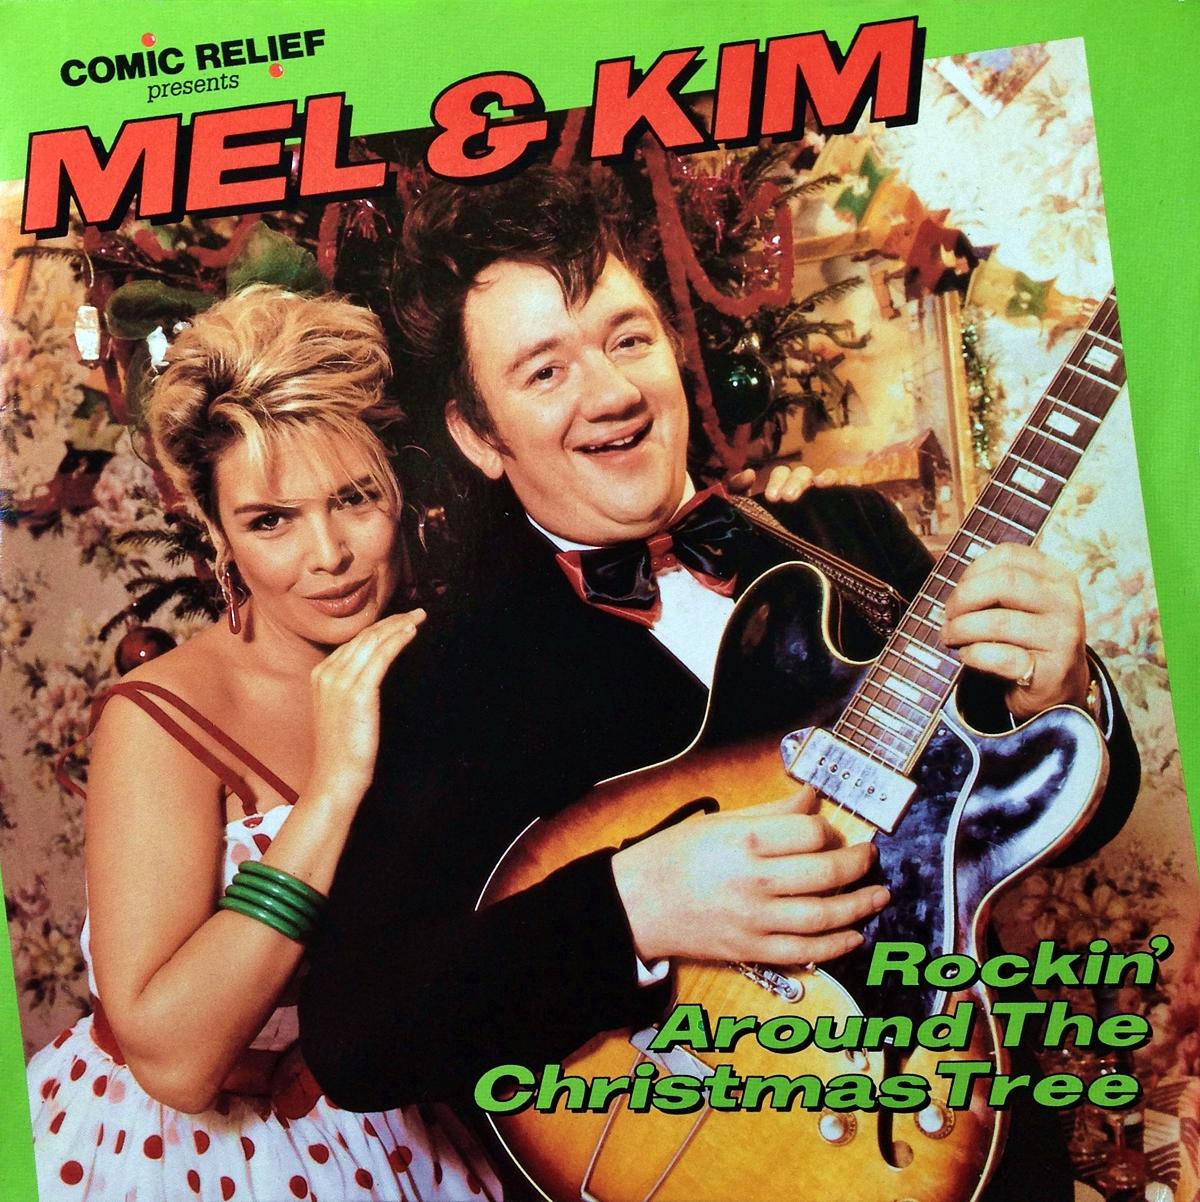 Rockin Around The Christmas Tree Mel And Kim.Mel Kim Rockin Around The Christmas Tree Video 1987 Imdb